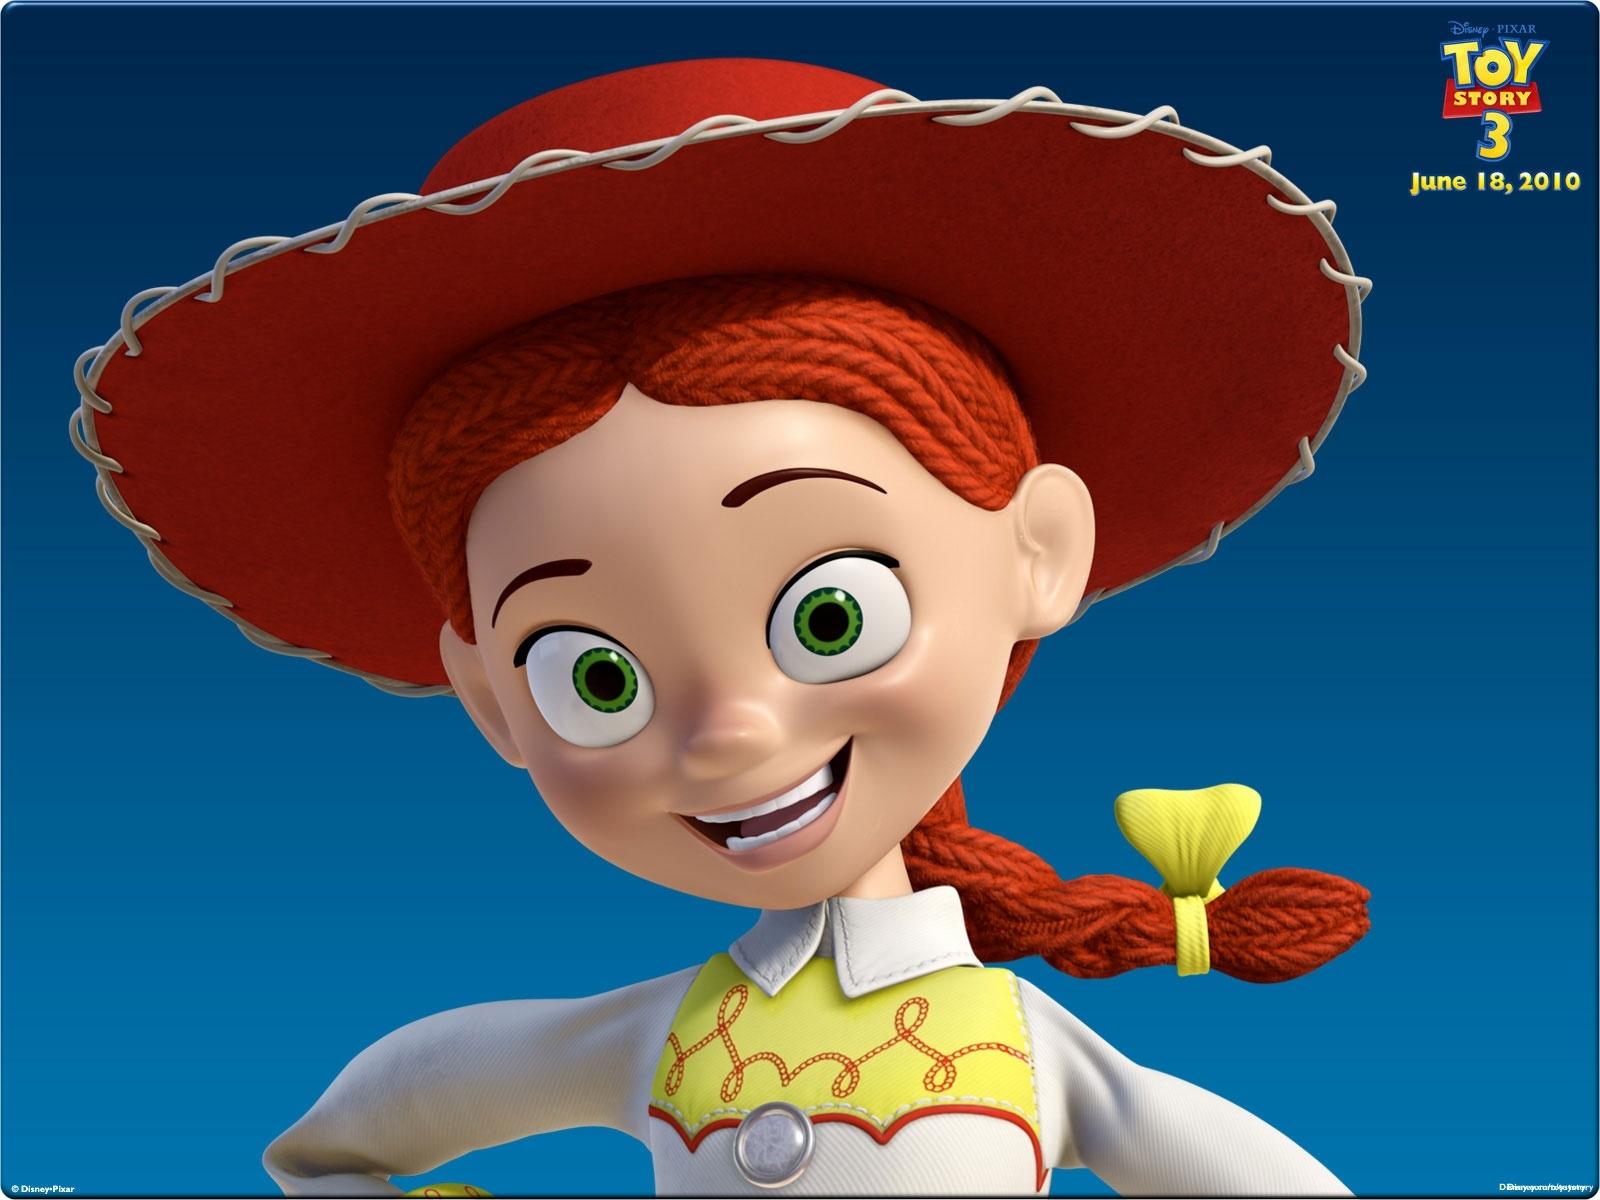 jessie toy story 3 free desktop